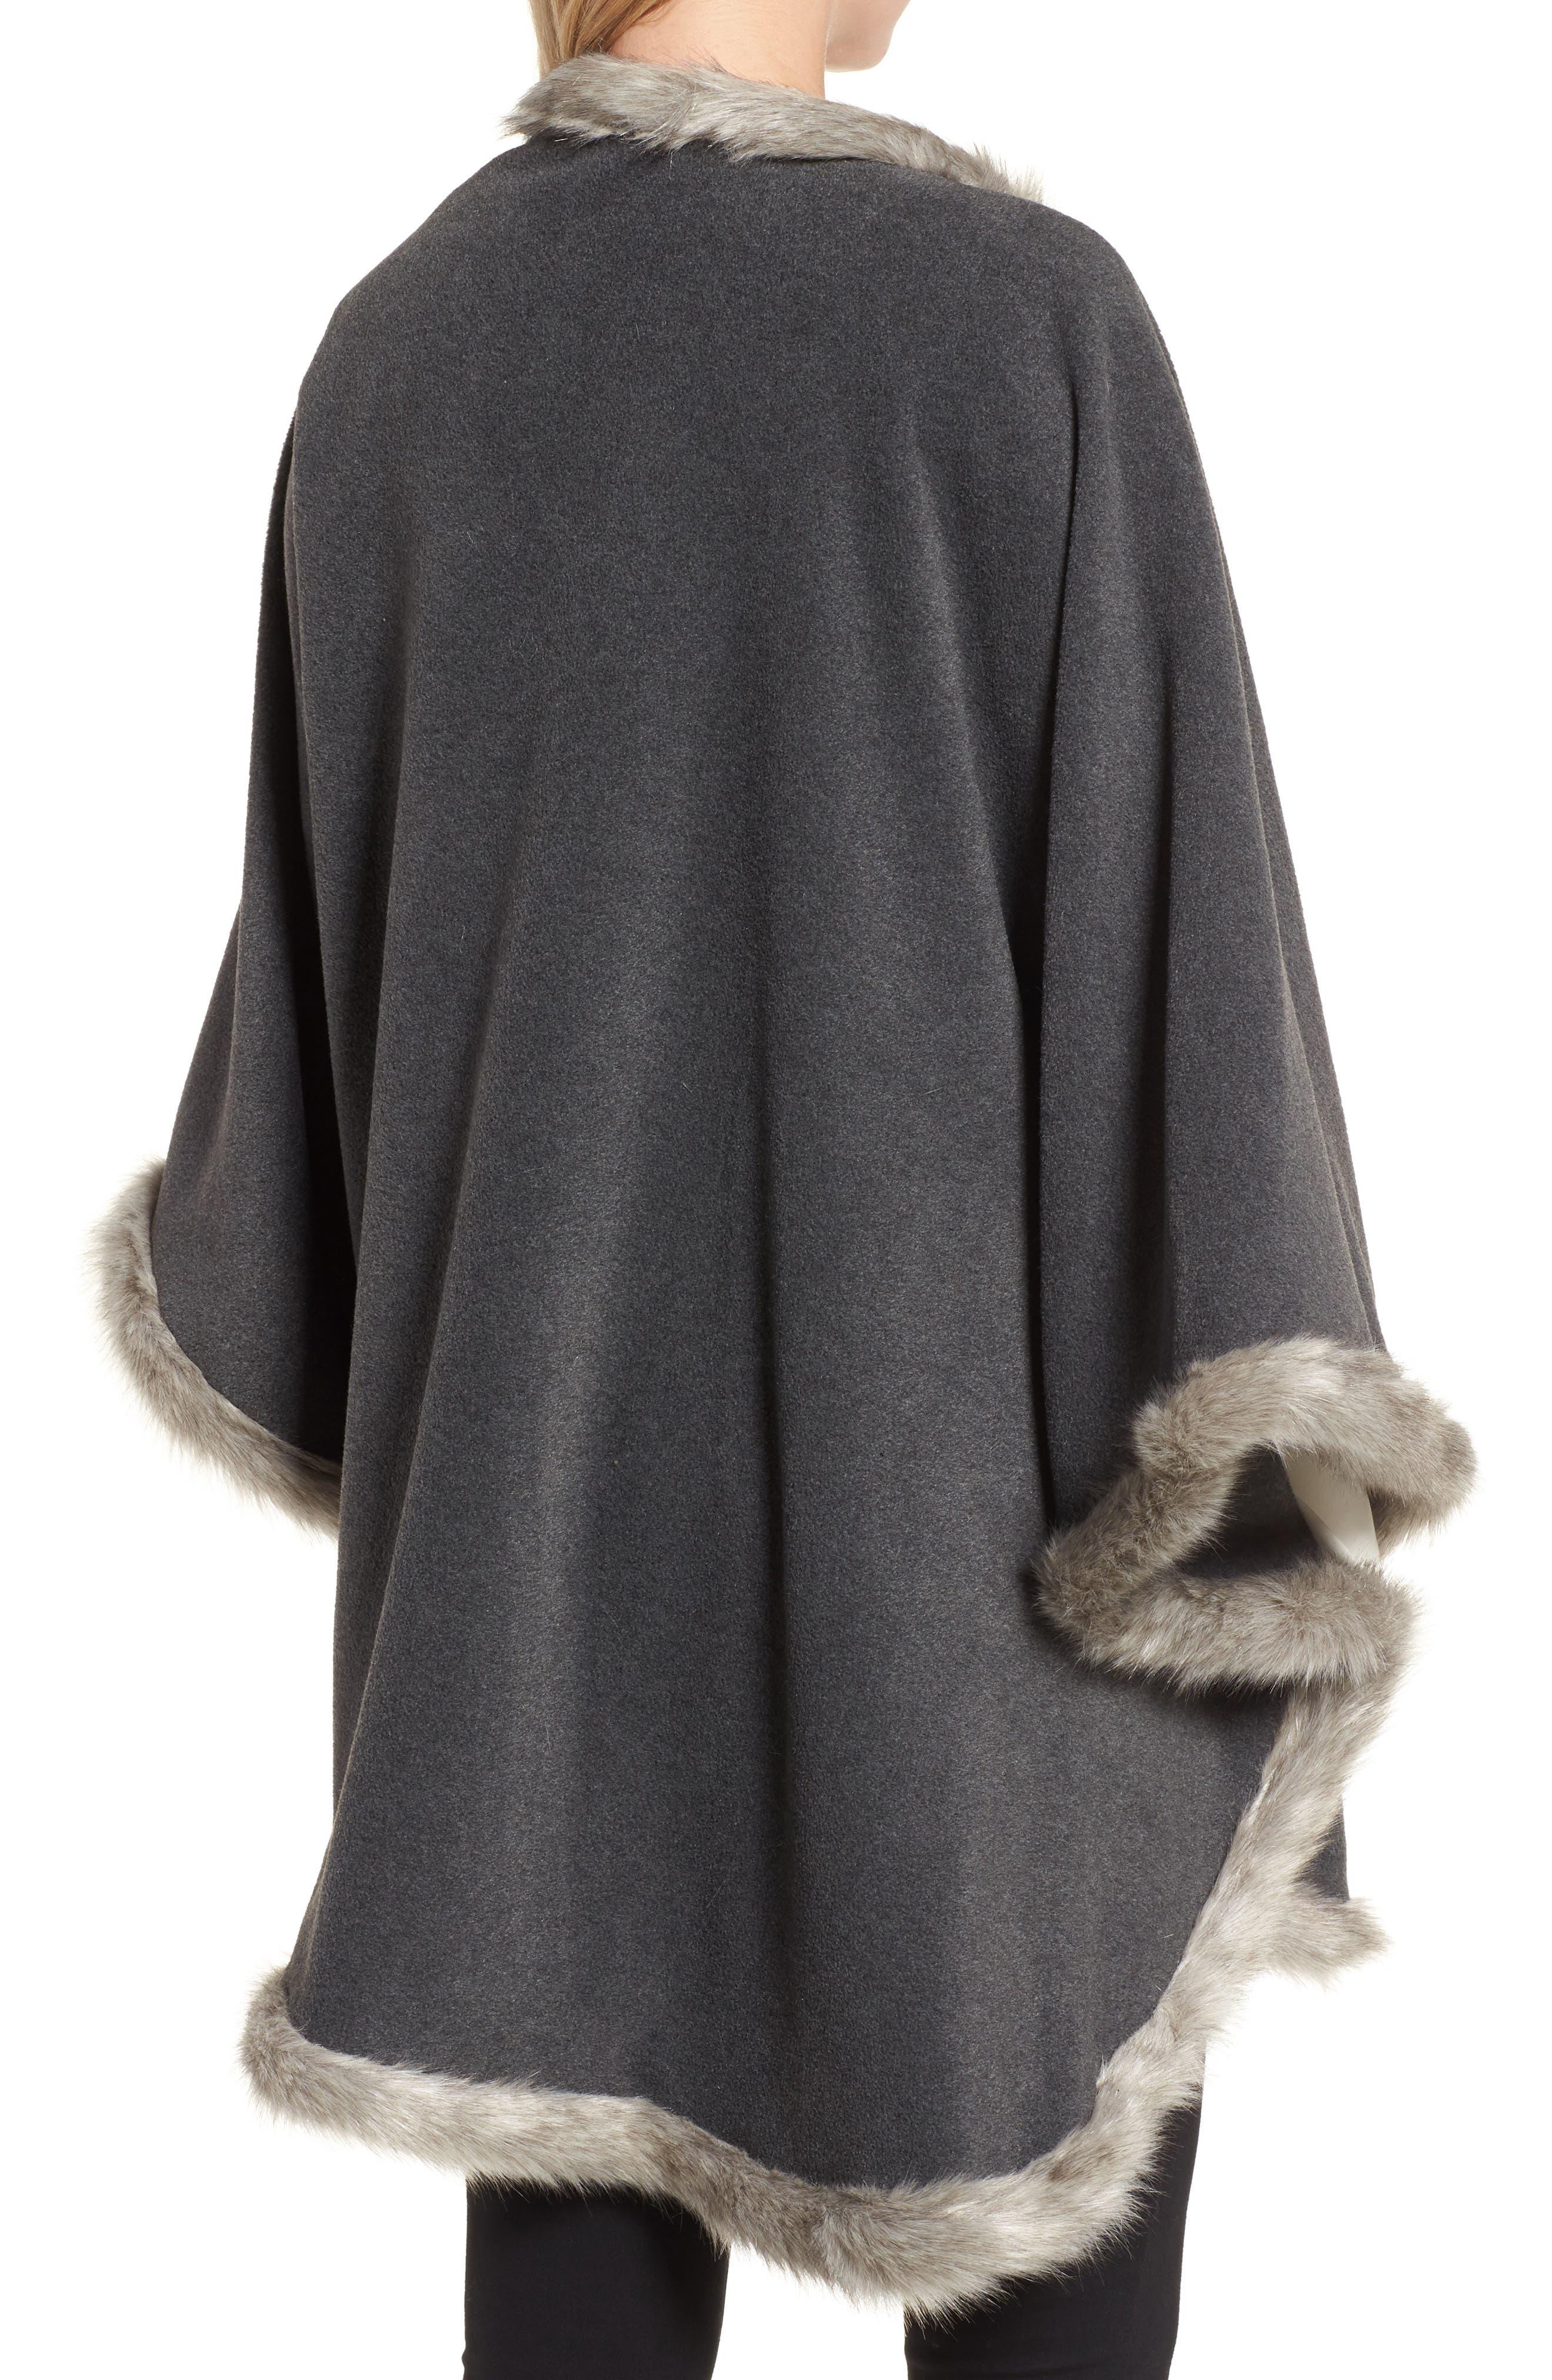 Tara Faux Fur Trim Wrap,                             Alternate thumbnail 2, color,                             Charcoal/ Granite Fox